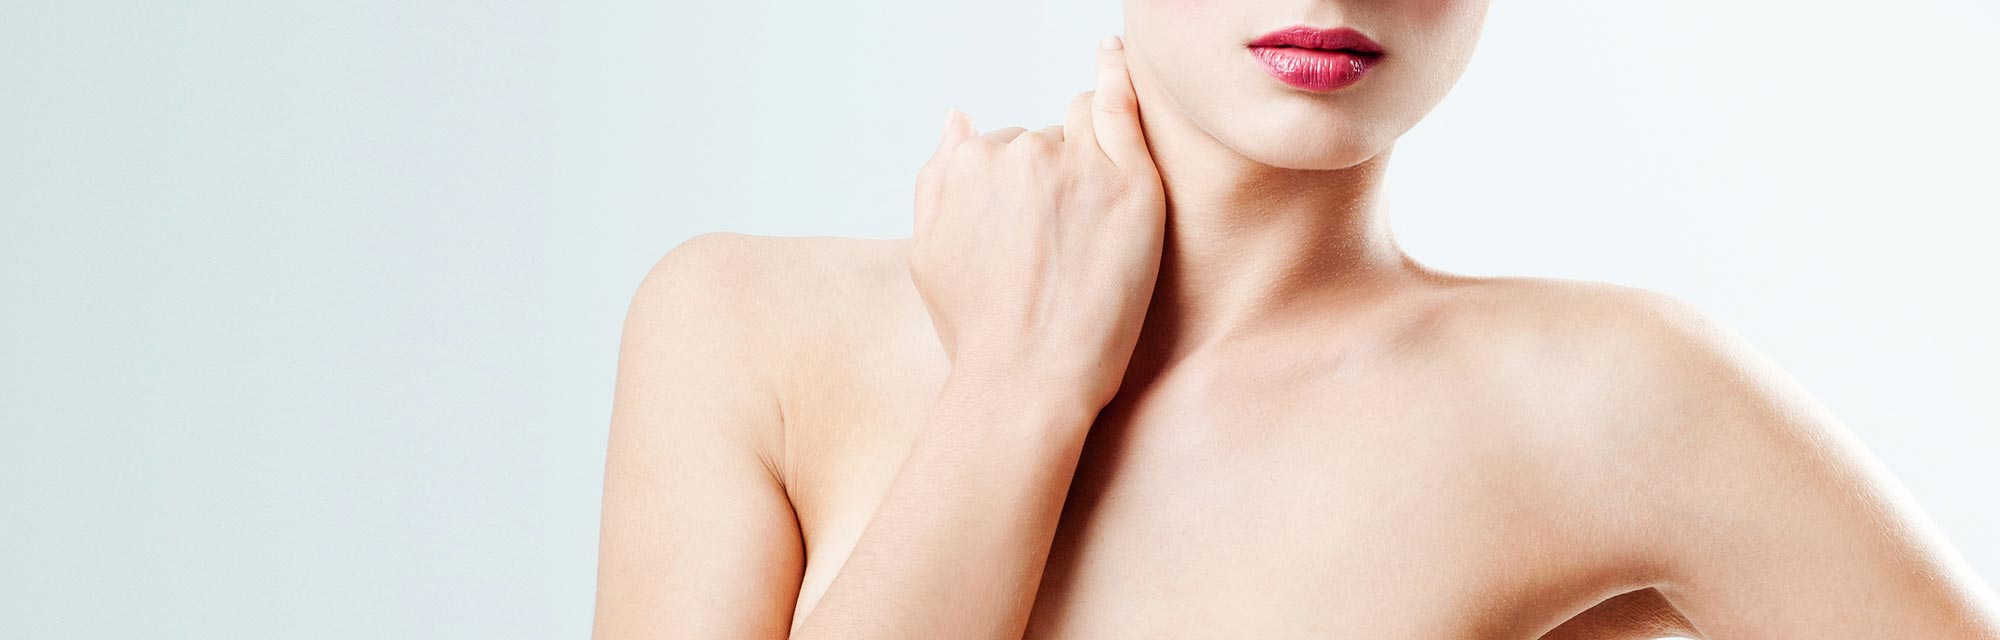 Fettabsaugung am Hals | Die Plastischen Chirurginnen Tirol